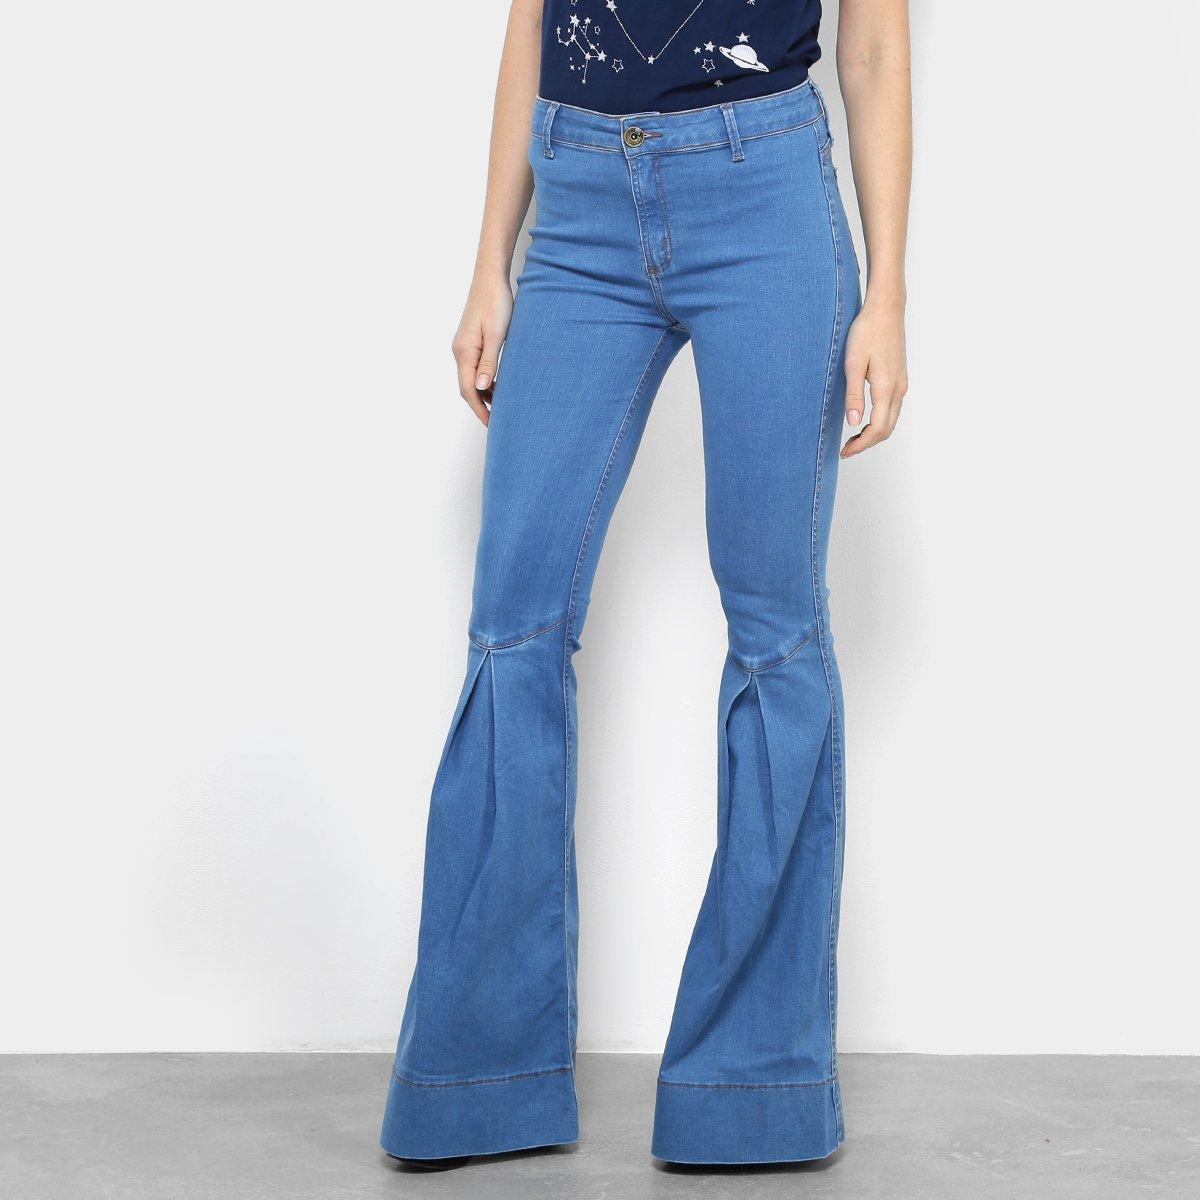 0bb884772 Calça Jeans Super Flare My Favorite Thing Cintura Média Feminina - Azul -  Compre Agora